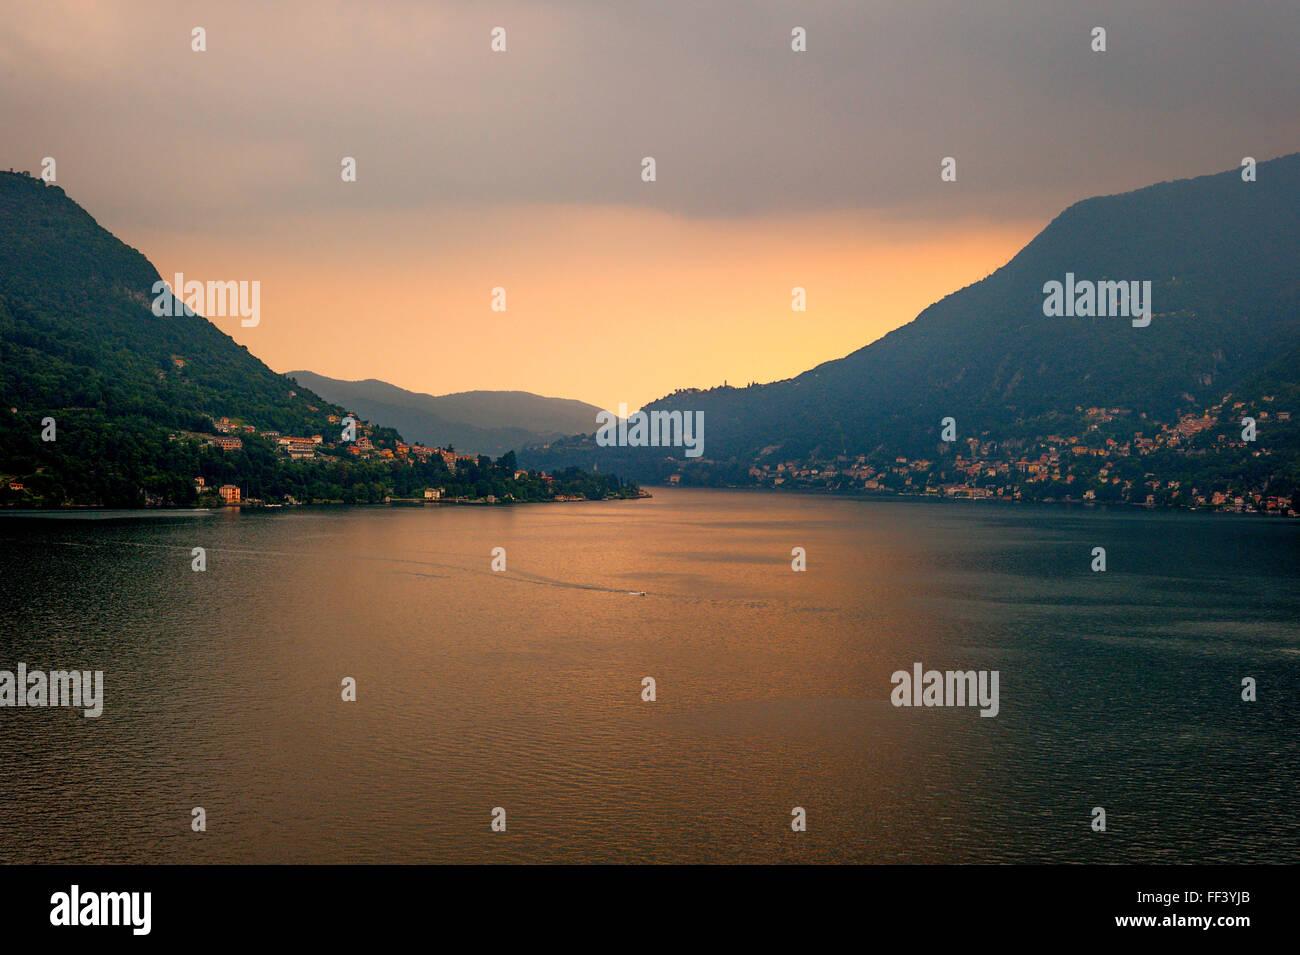 Looking over Lake Como from Centro Turistico la Cava. - Stock Image